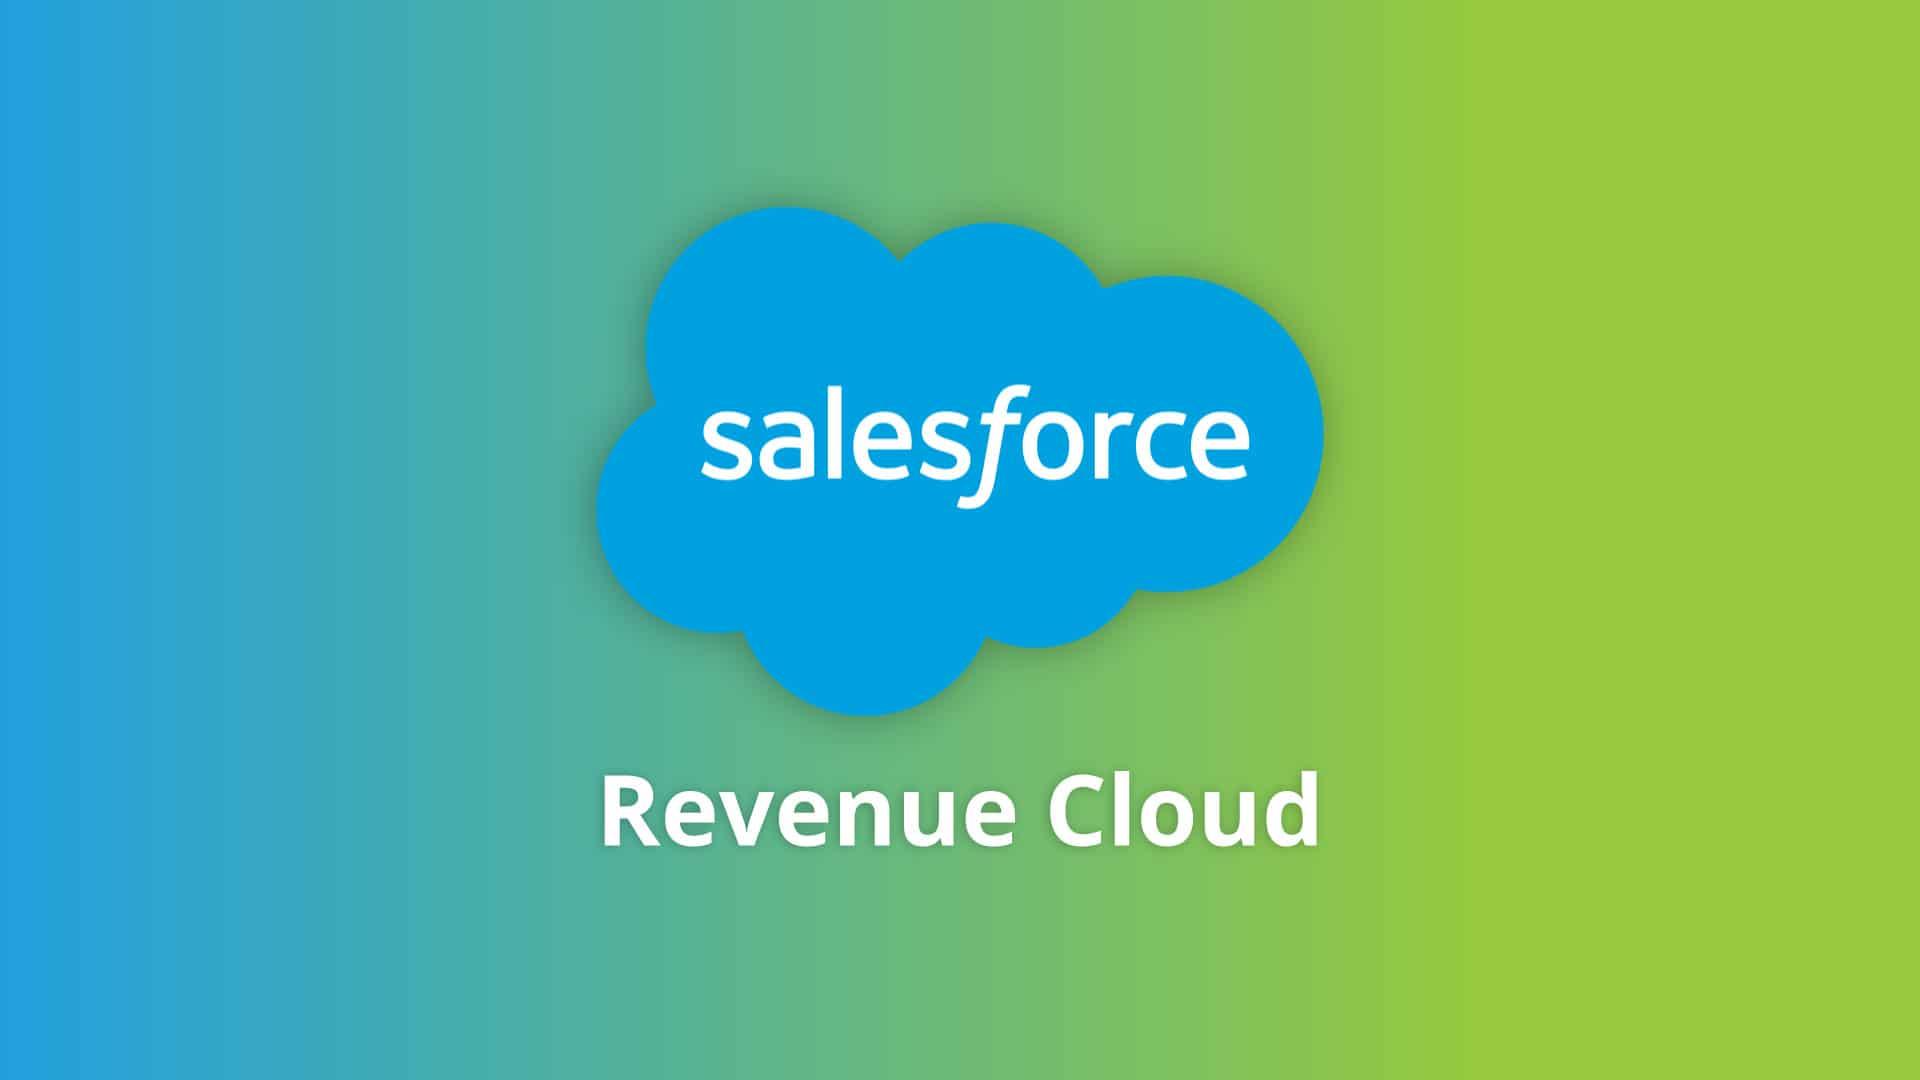 Salesforce Revenue Cloud Graphics